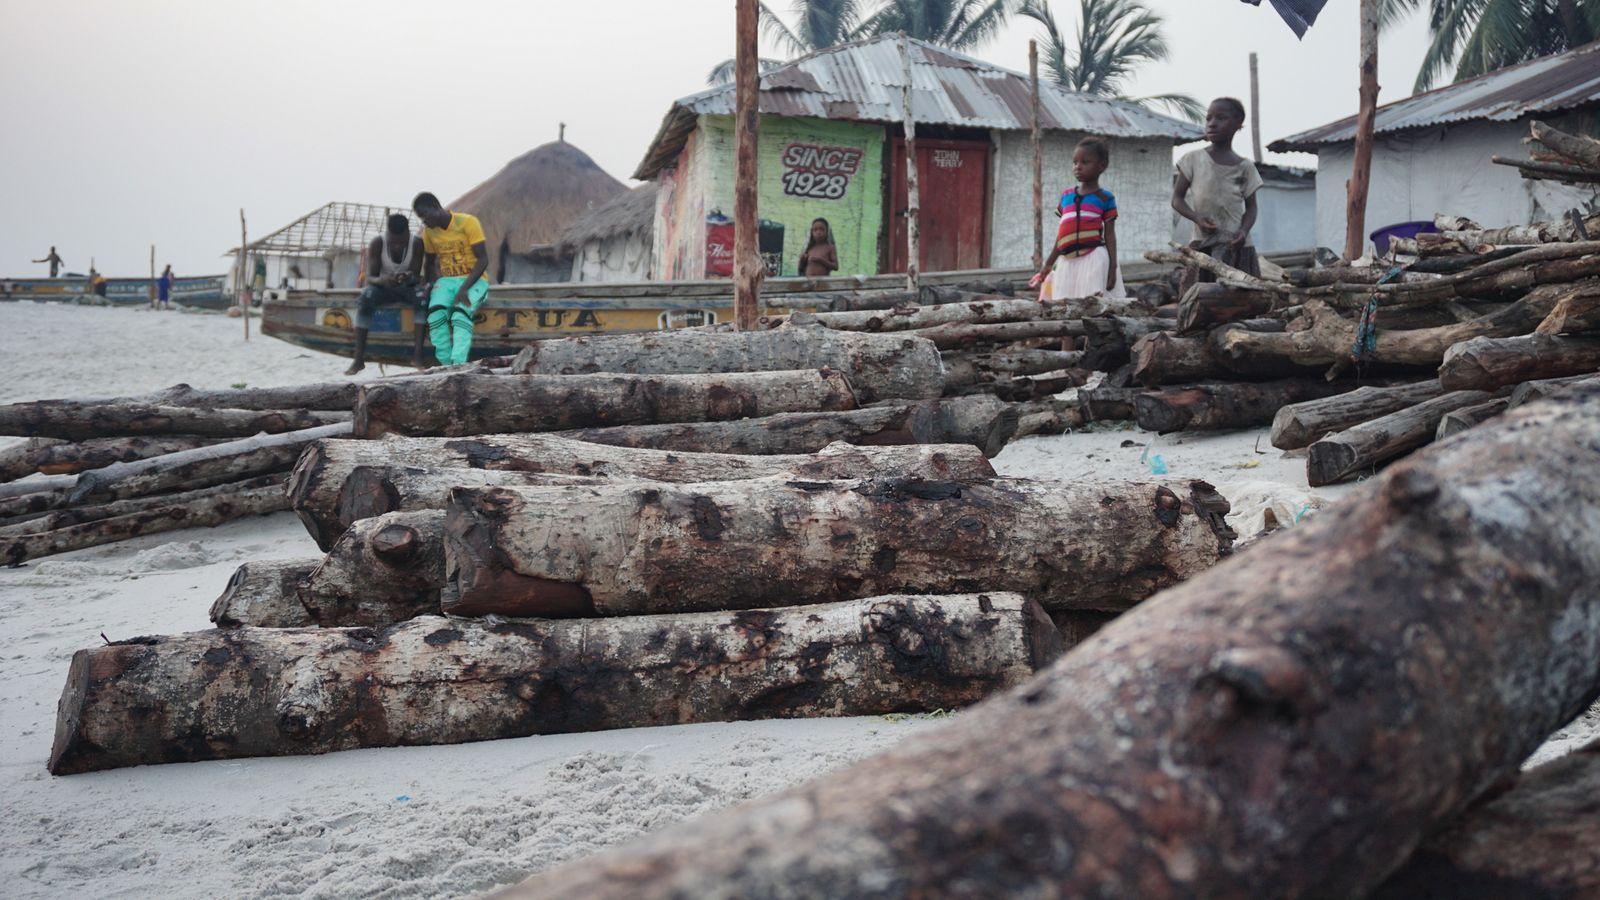 Nyangai. Entwaldung beschleunigt die Erosion der Inseln weiter - Alicia Prager